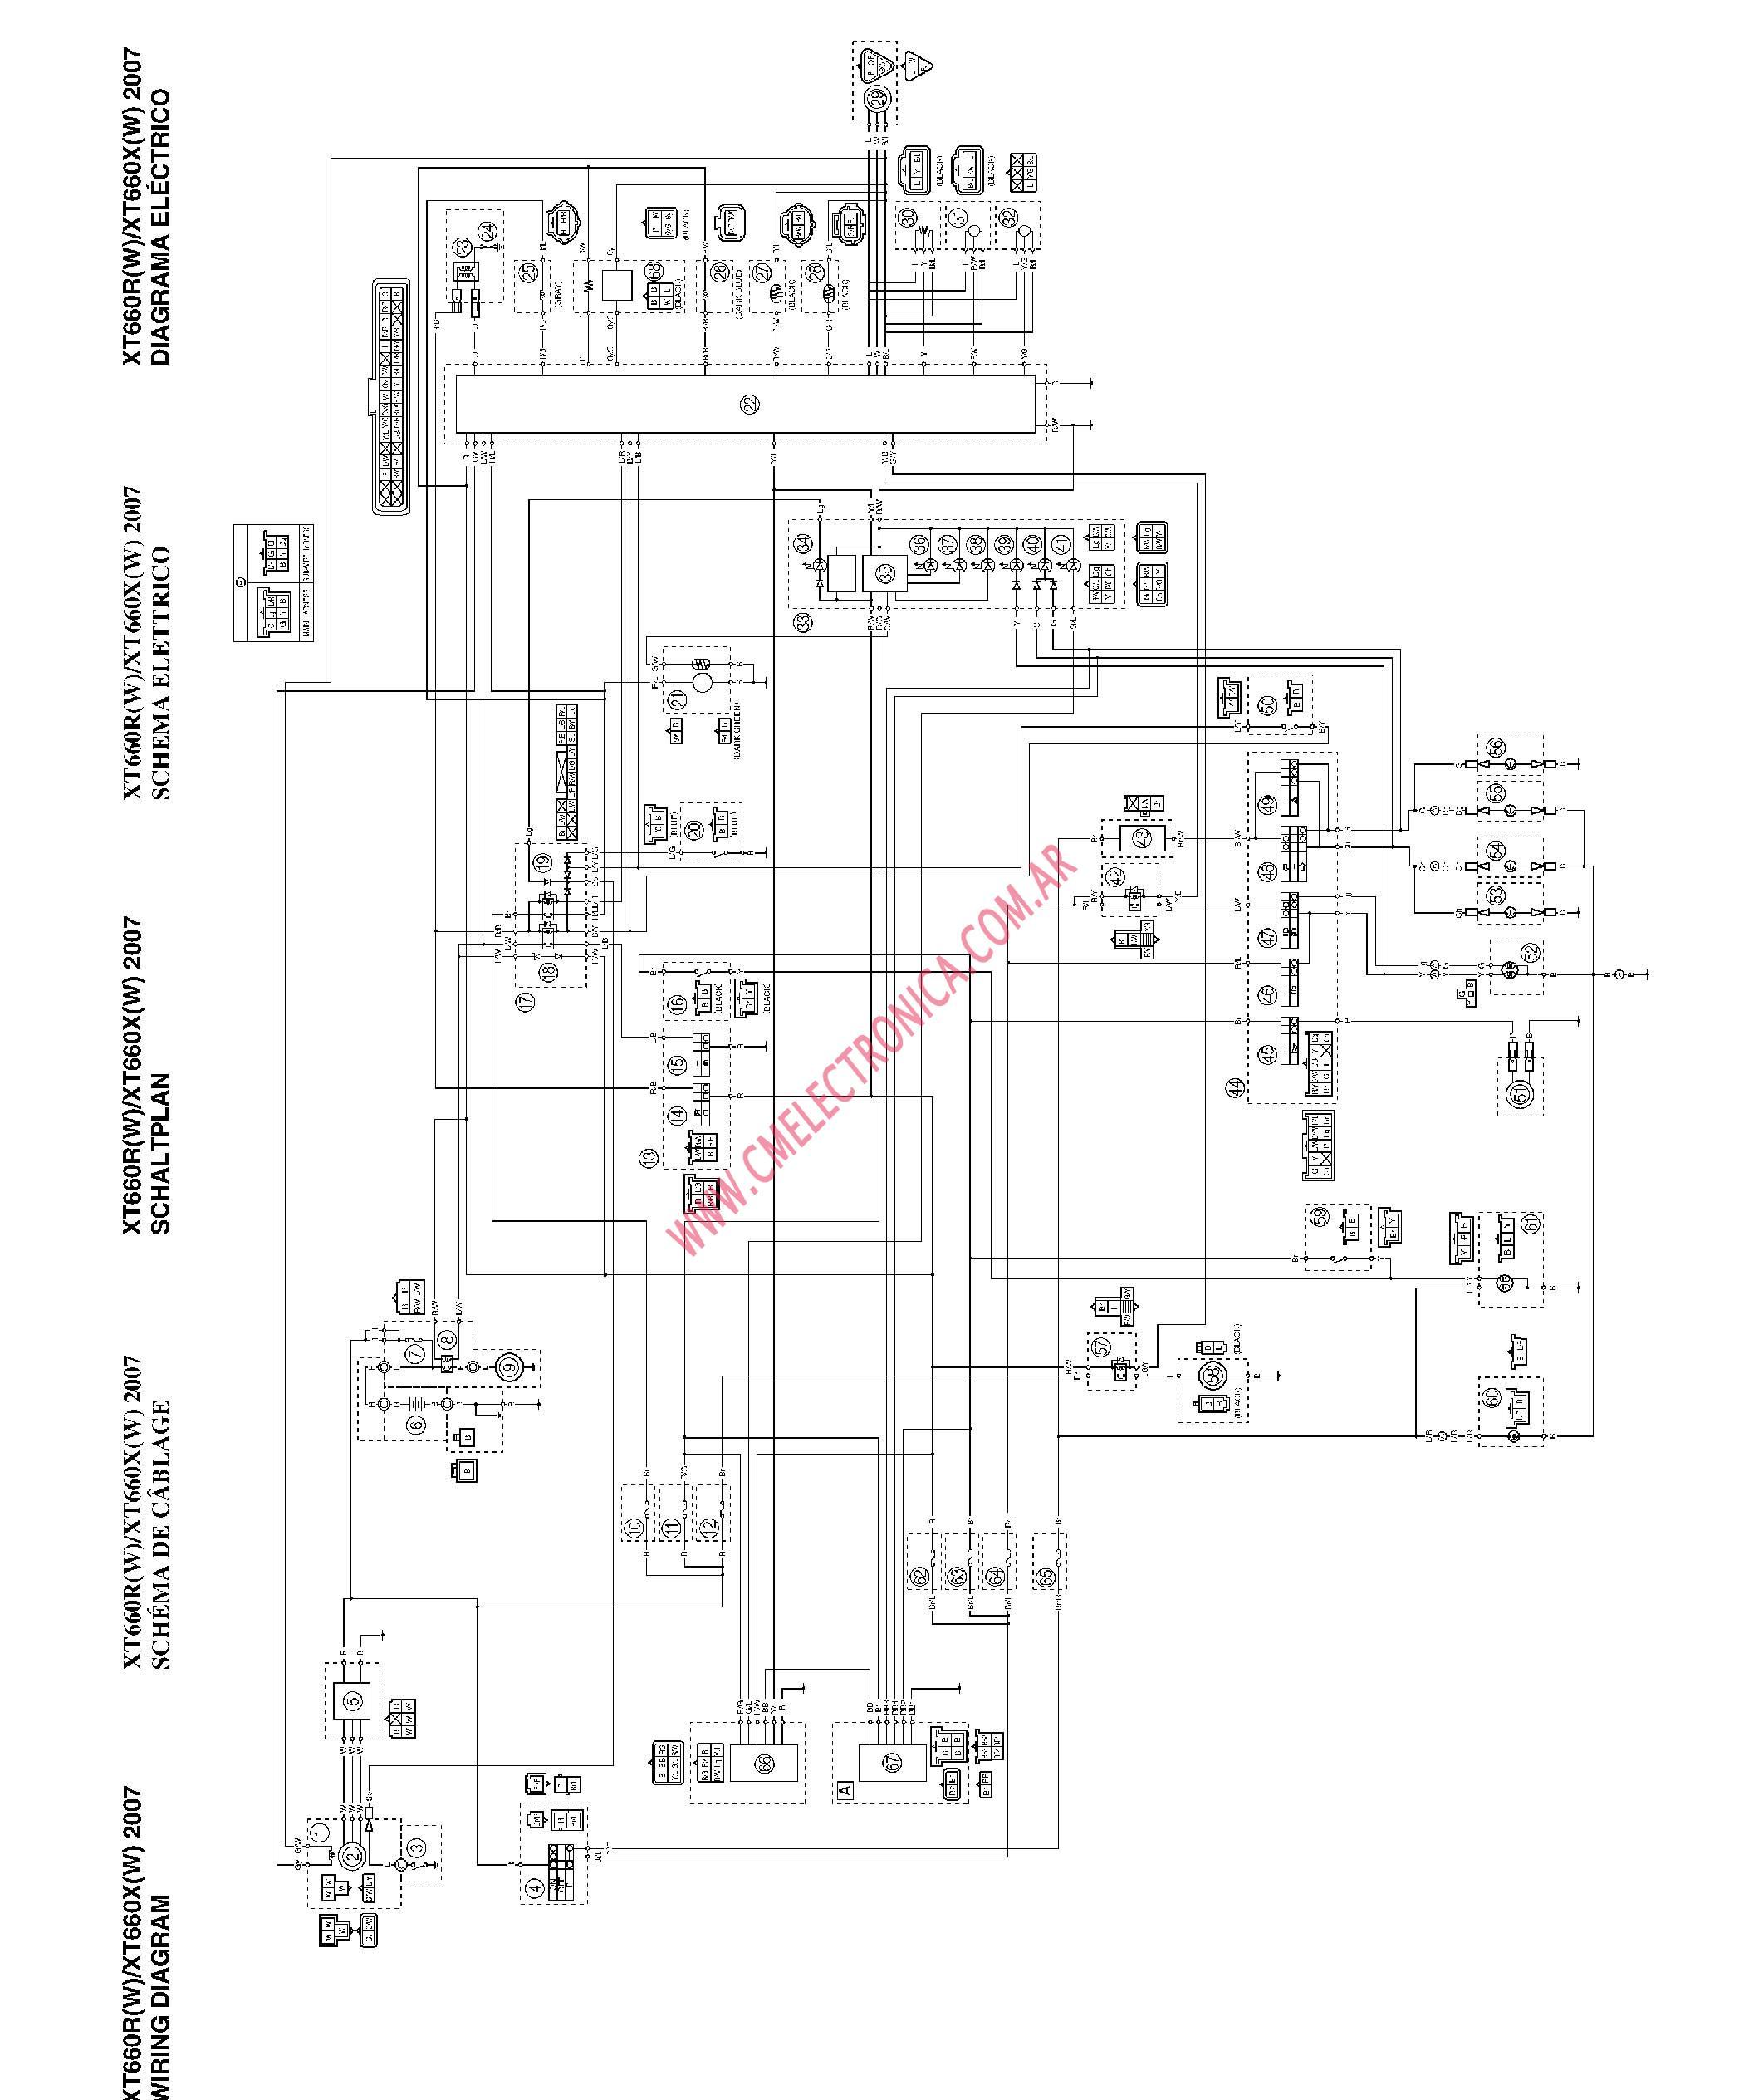 polaris sportsman 450 wiring diagram  diagram  auto wiring